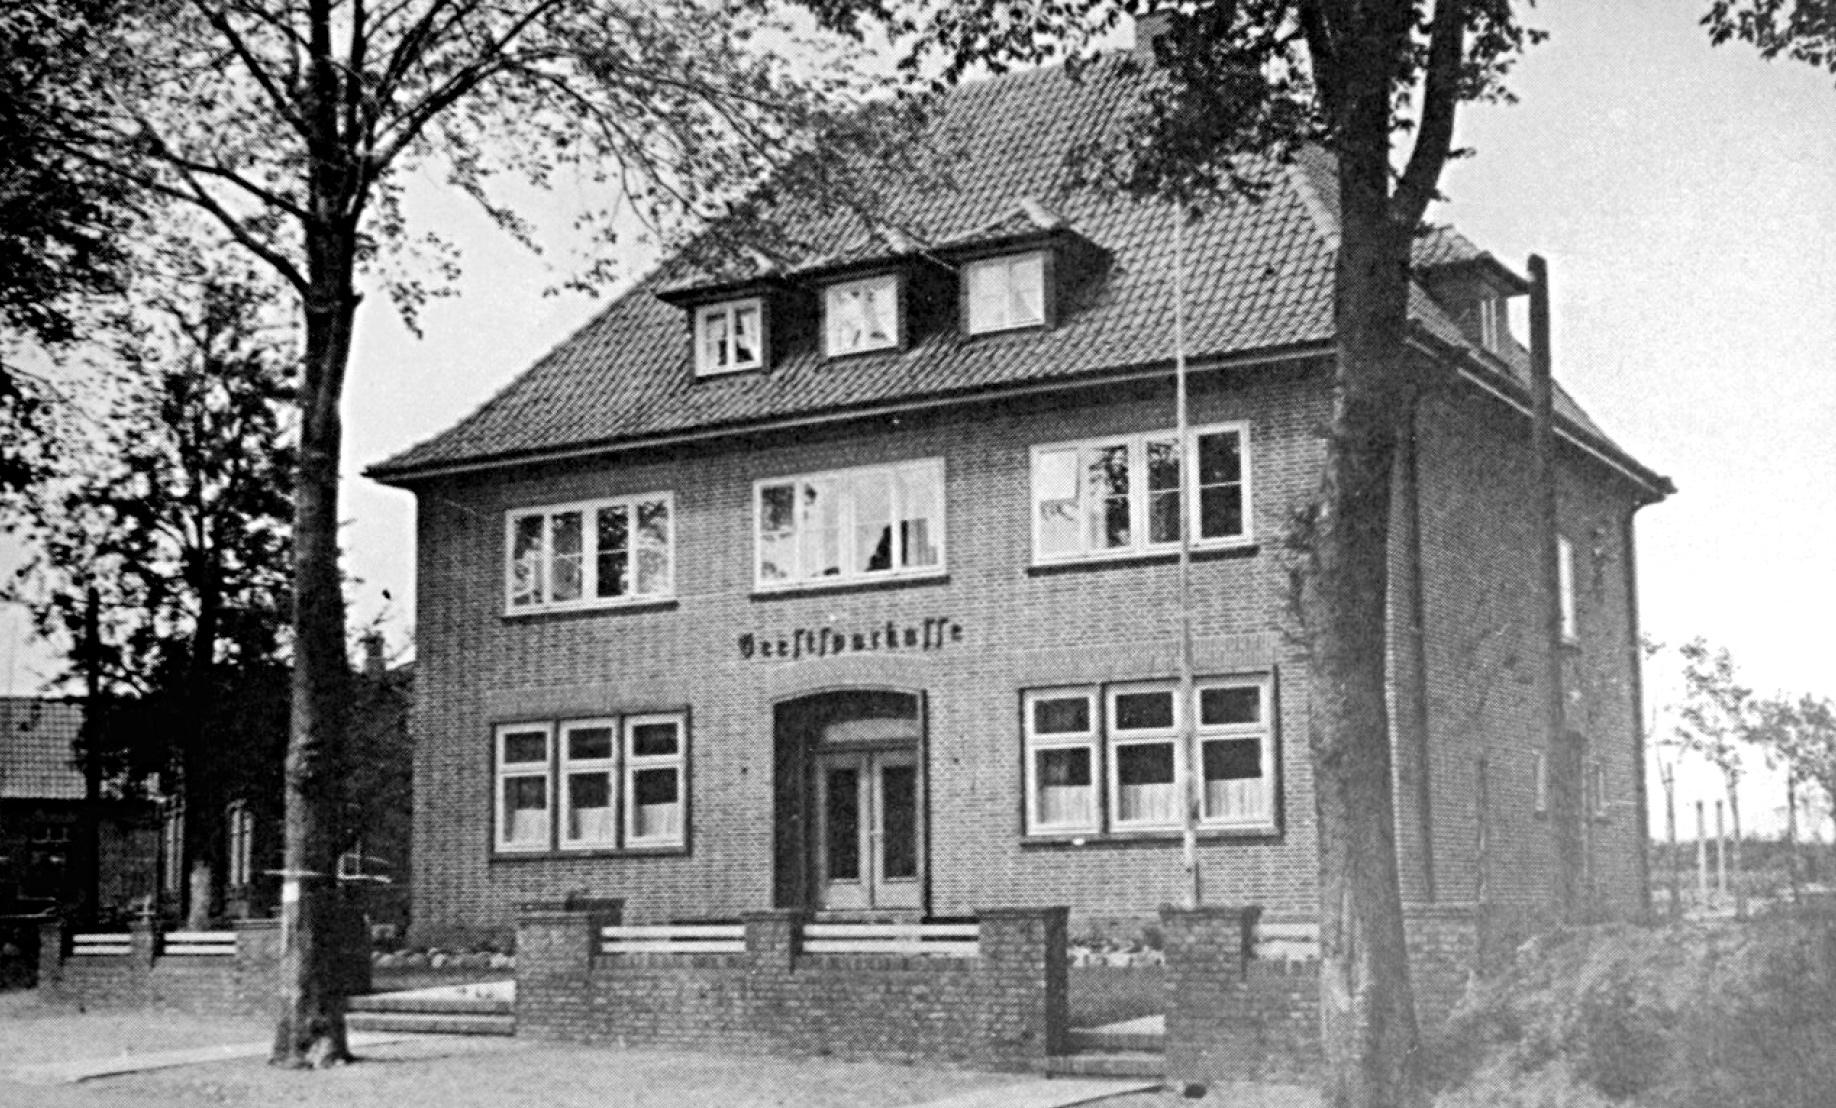 dorf_bilder/Chronik-Hennstedt-276.jpg